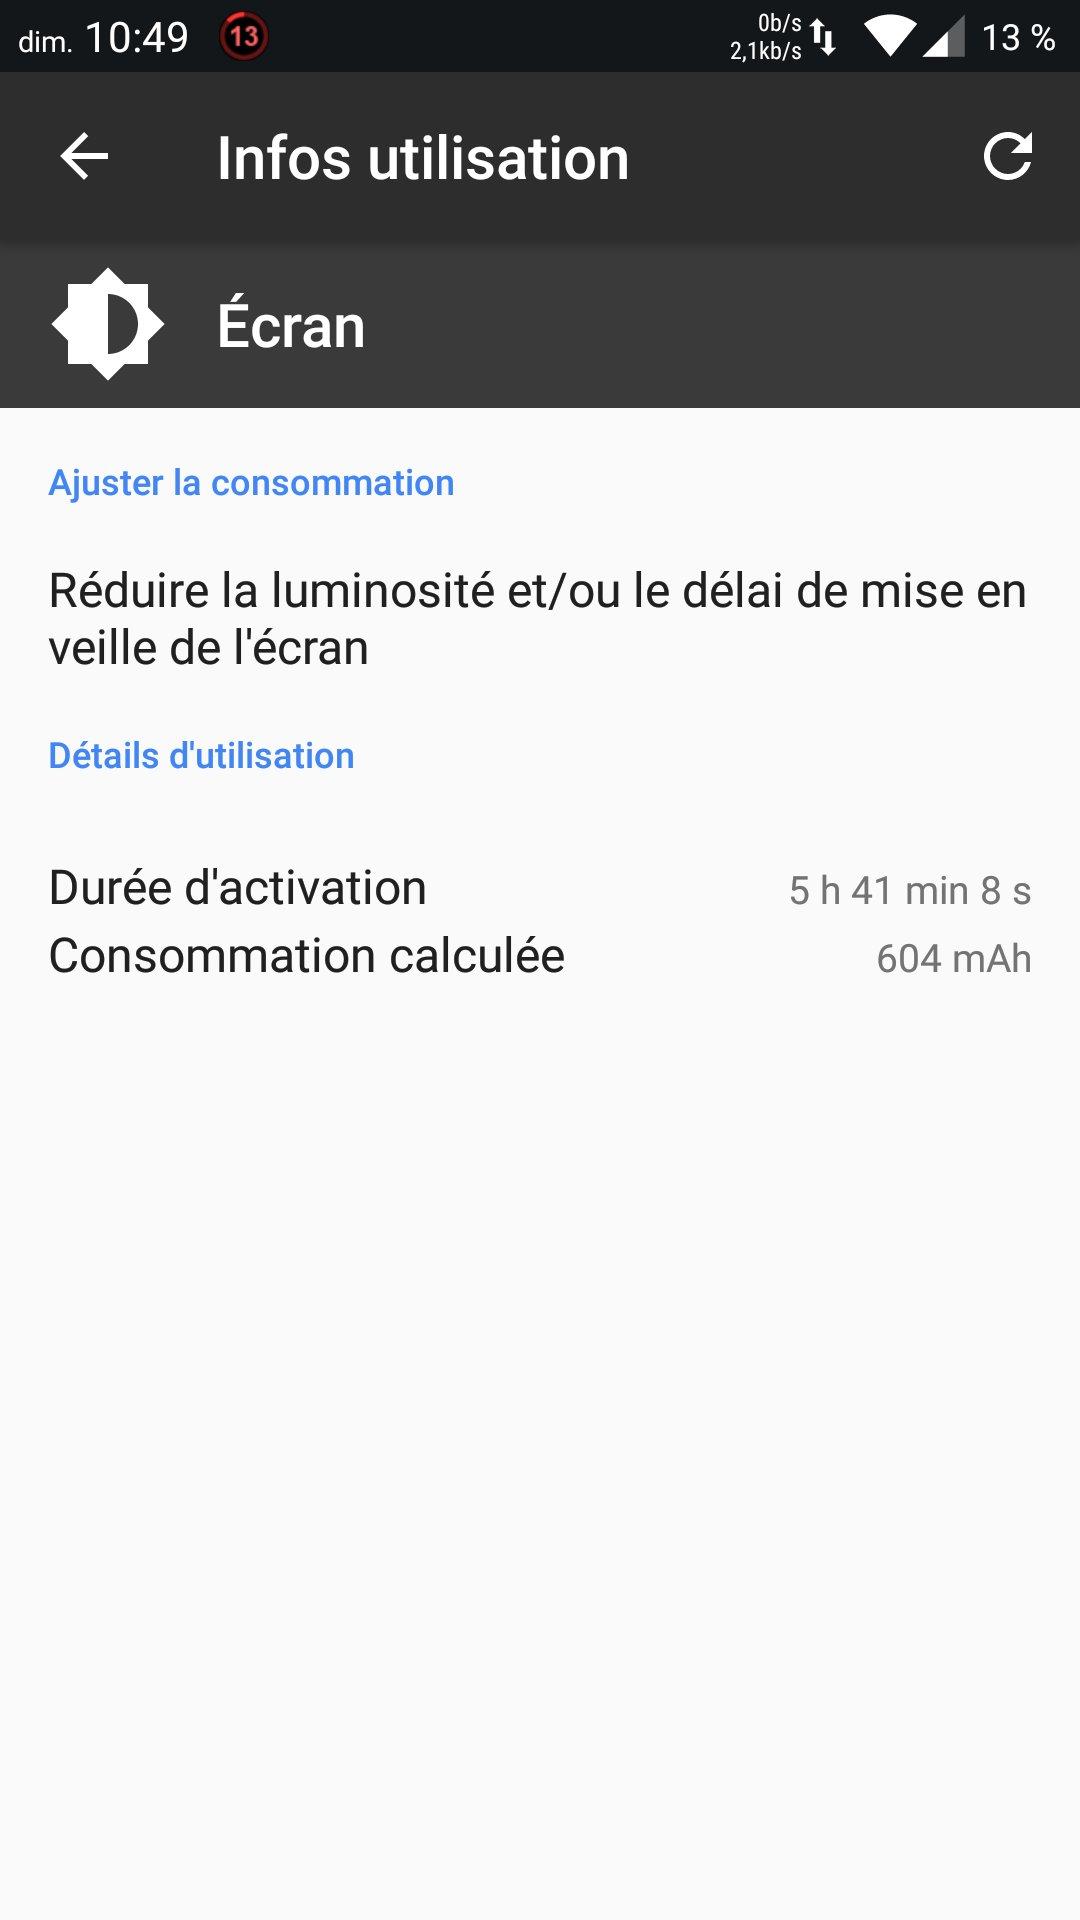 Les ROMS Nougat - Smartphones - Xiaomi - Xiaomi Redmi - Xiaomi RedMi